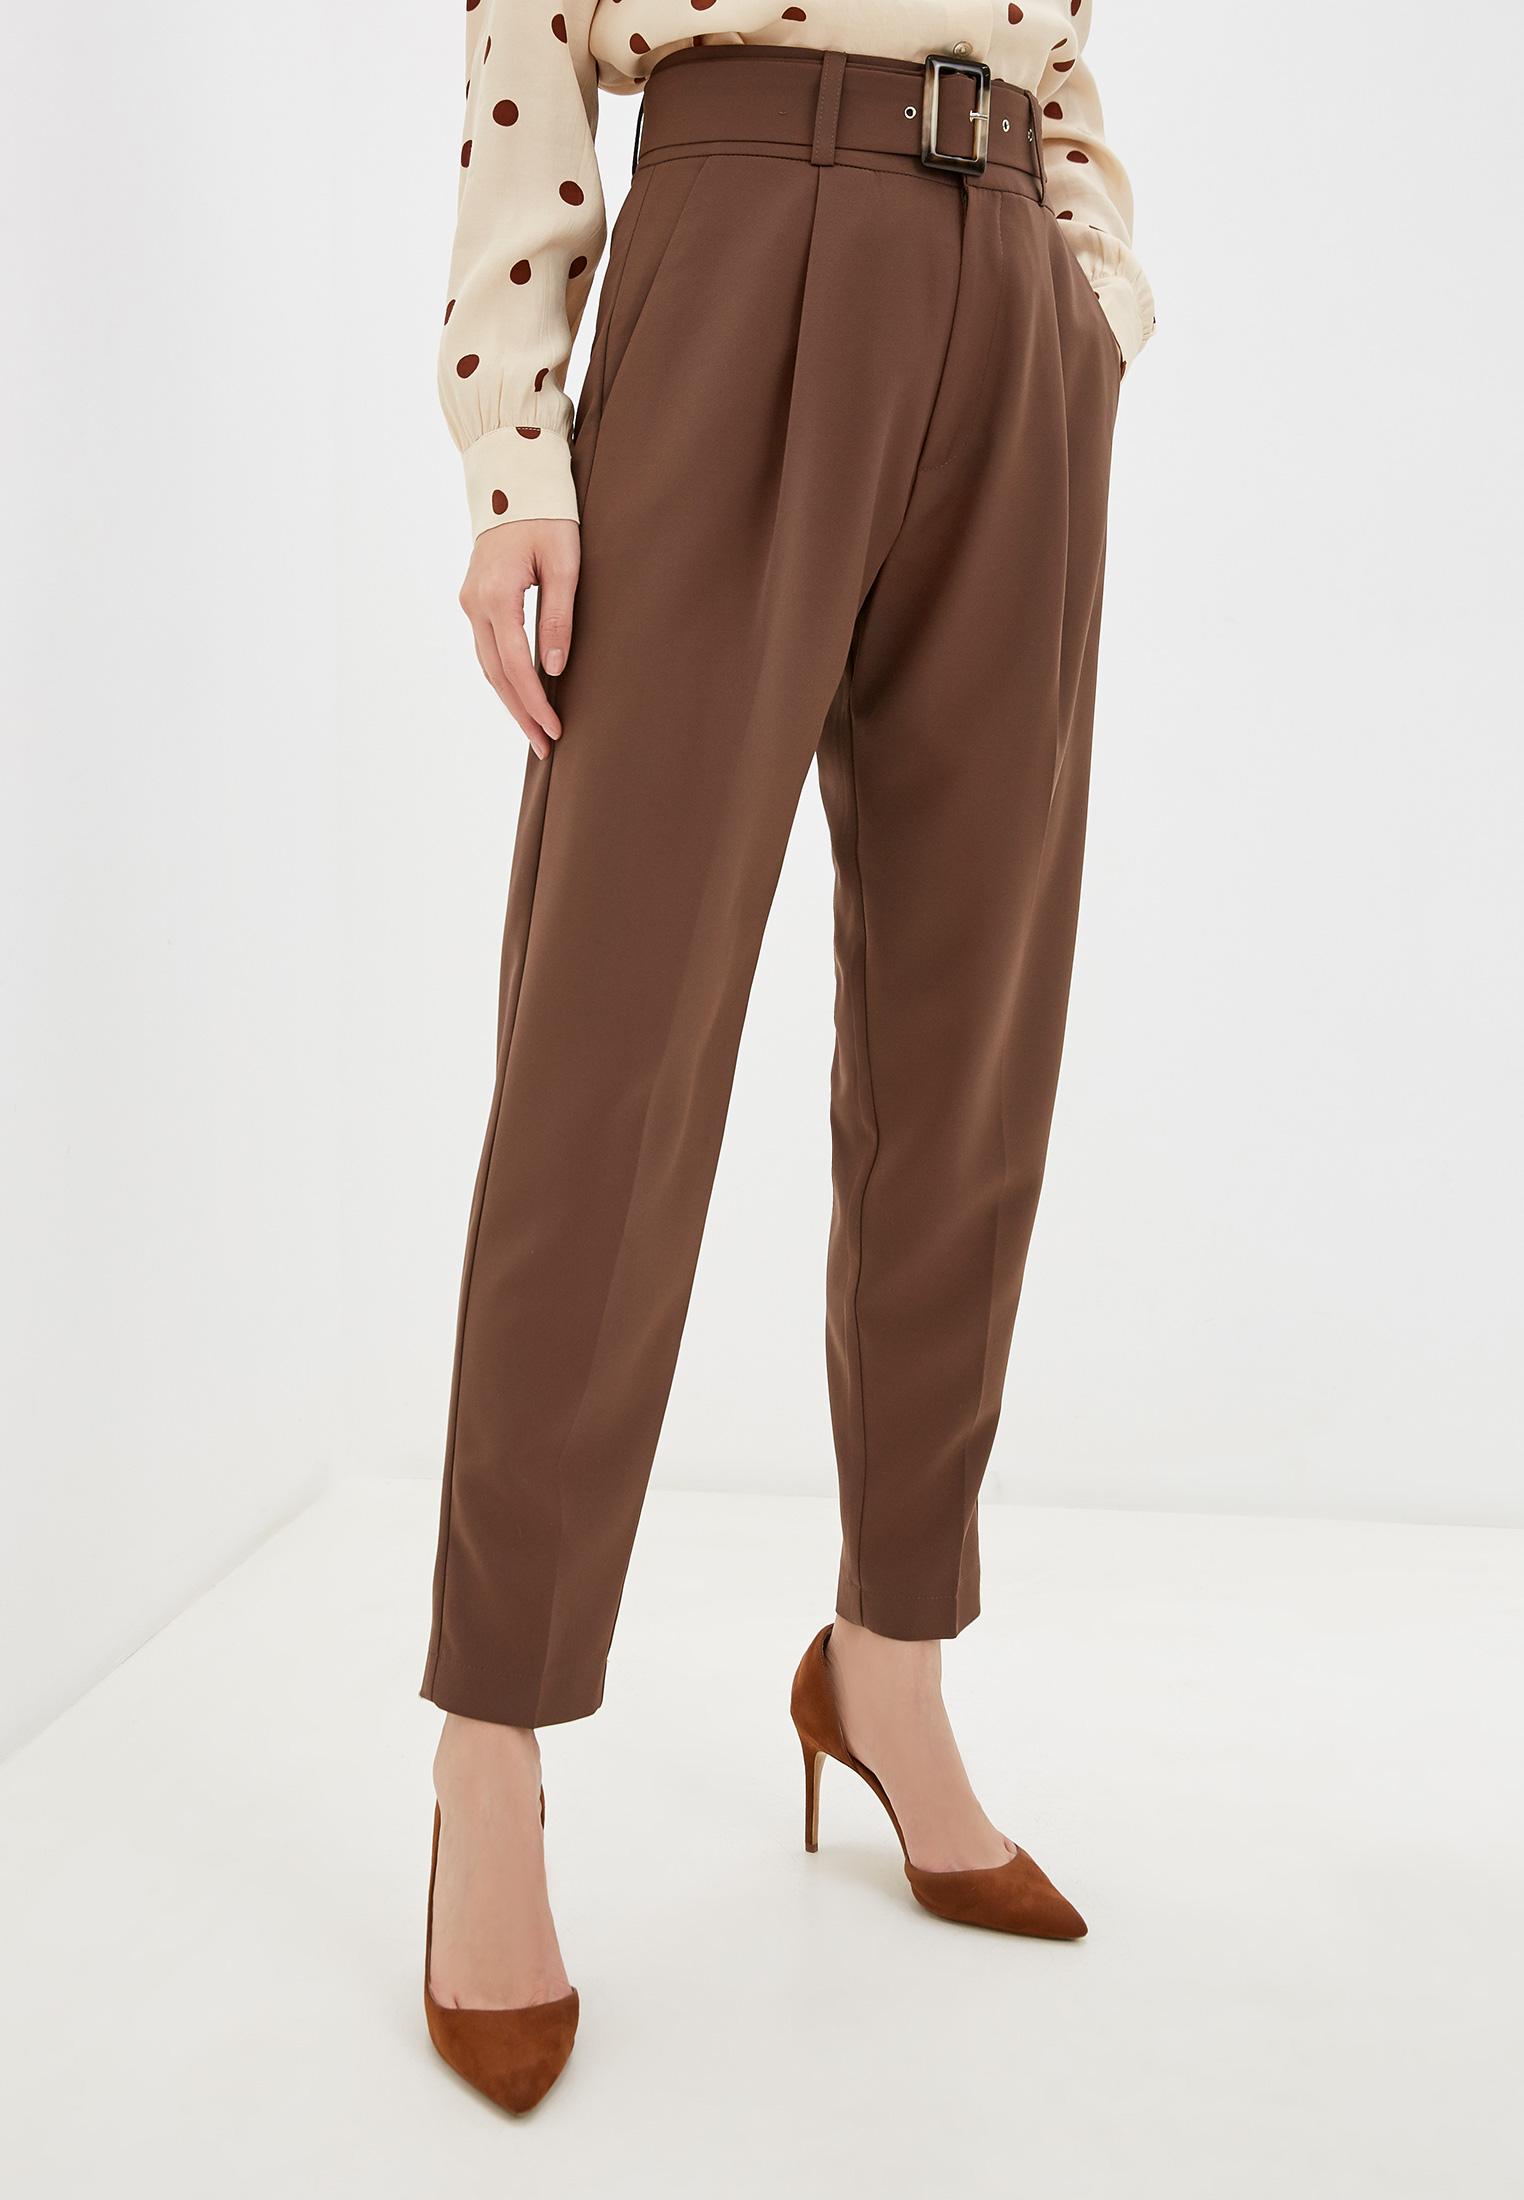 горошки ногтях модные женские брюки фото центре